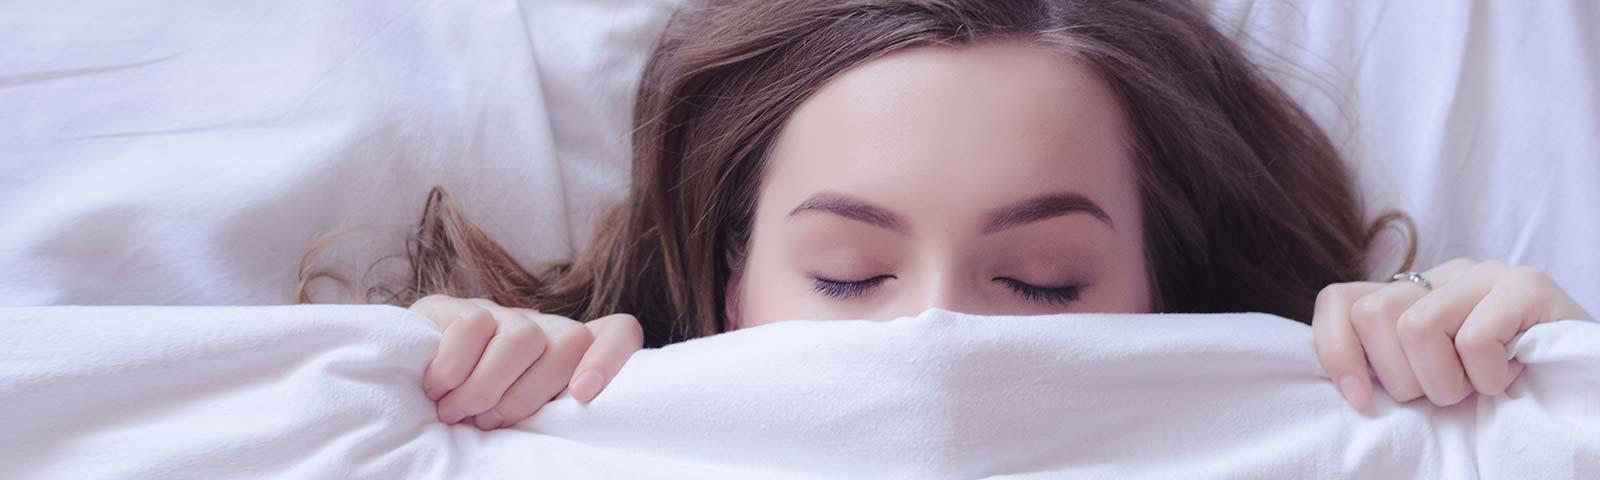 النوم الهانئ